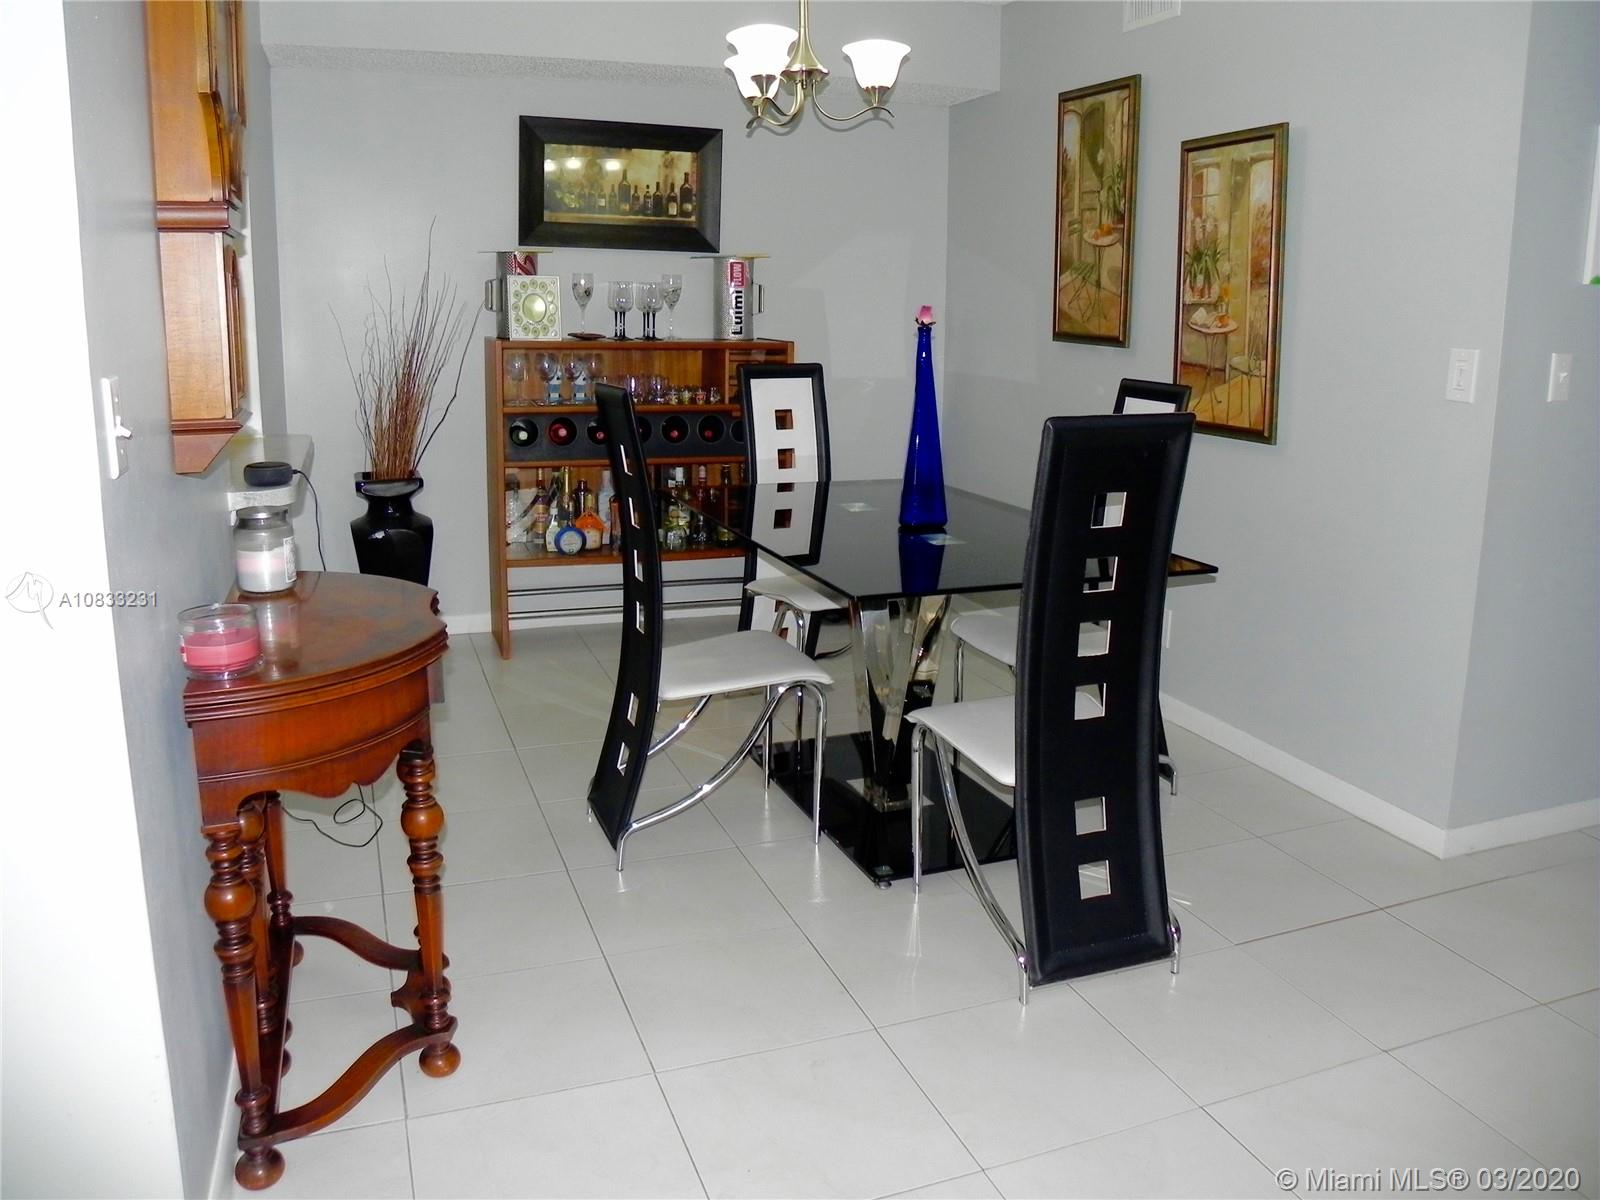 400 N Laurel Dr # 201, Margate, Florida 33063, 2 Bedrooms Bedrooms, ,2 BathroomsBathrooms,Residential,For Sale,400 N Laurel Dr # 201,A10833231